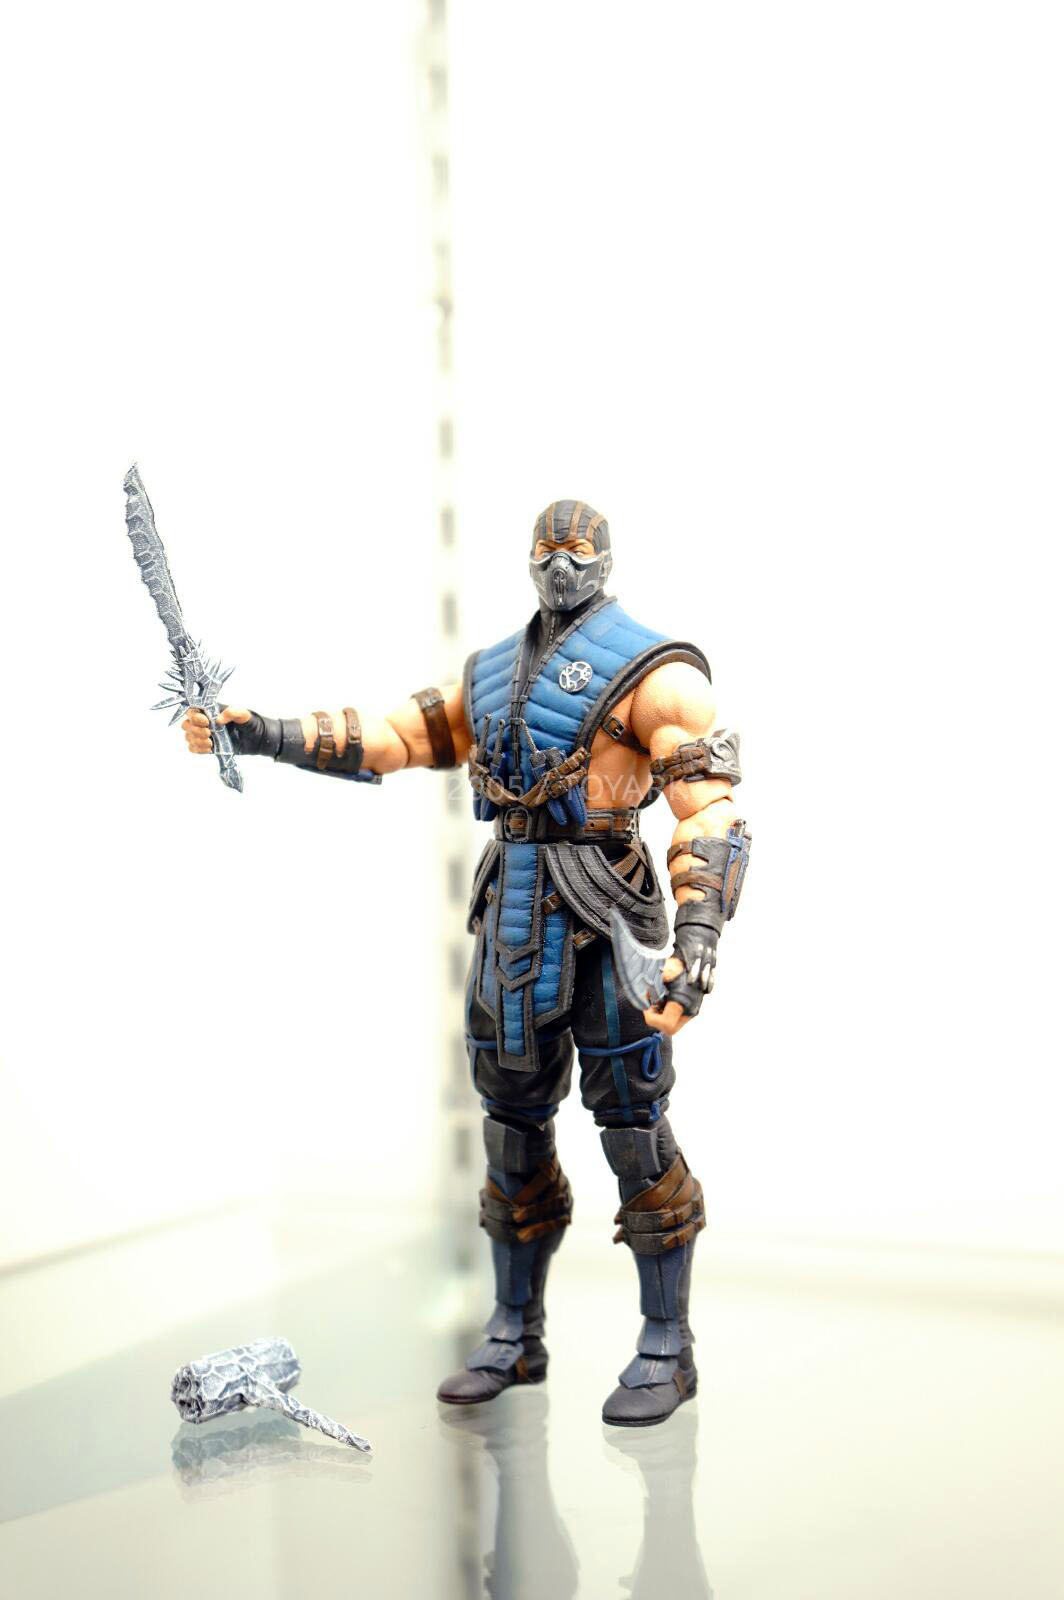 [NYCC 2014] MEZCO - 6-Inch Mortal Kombat X Figures NYCC-2014-Mezco-Mortal-Kombat-X-003